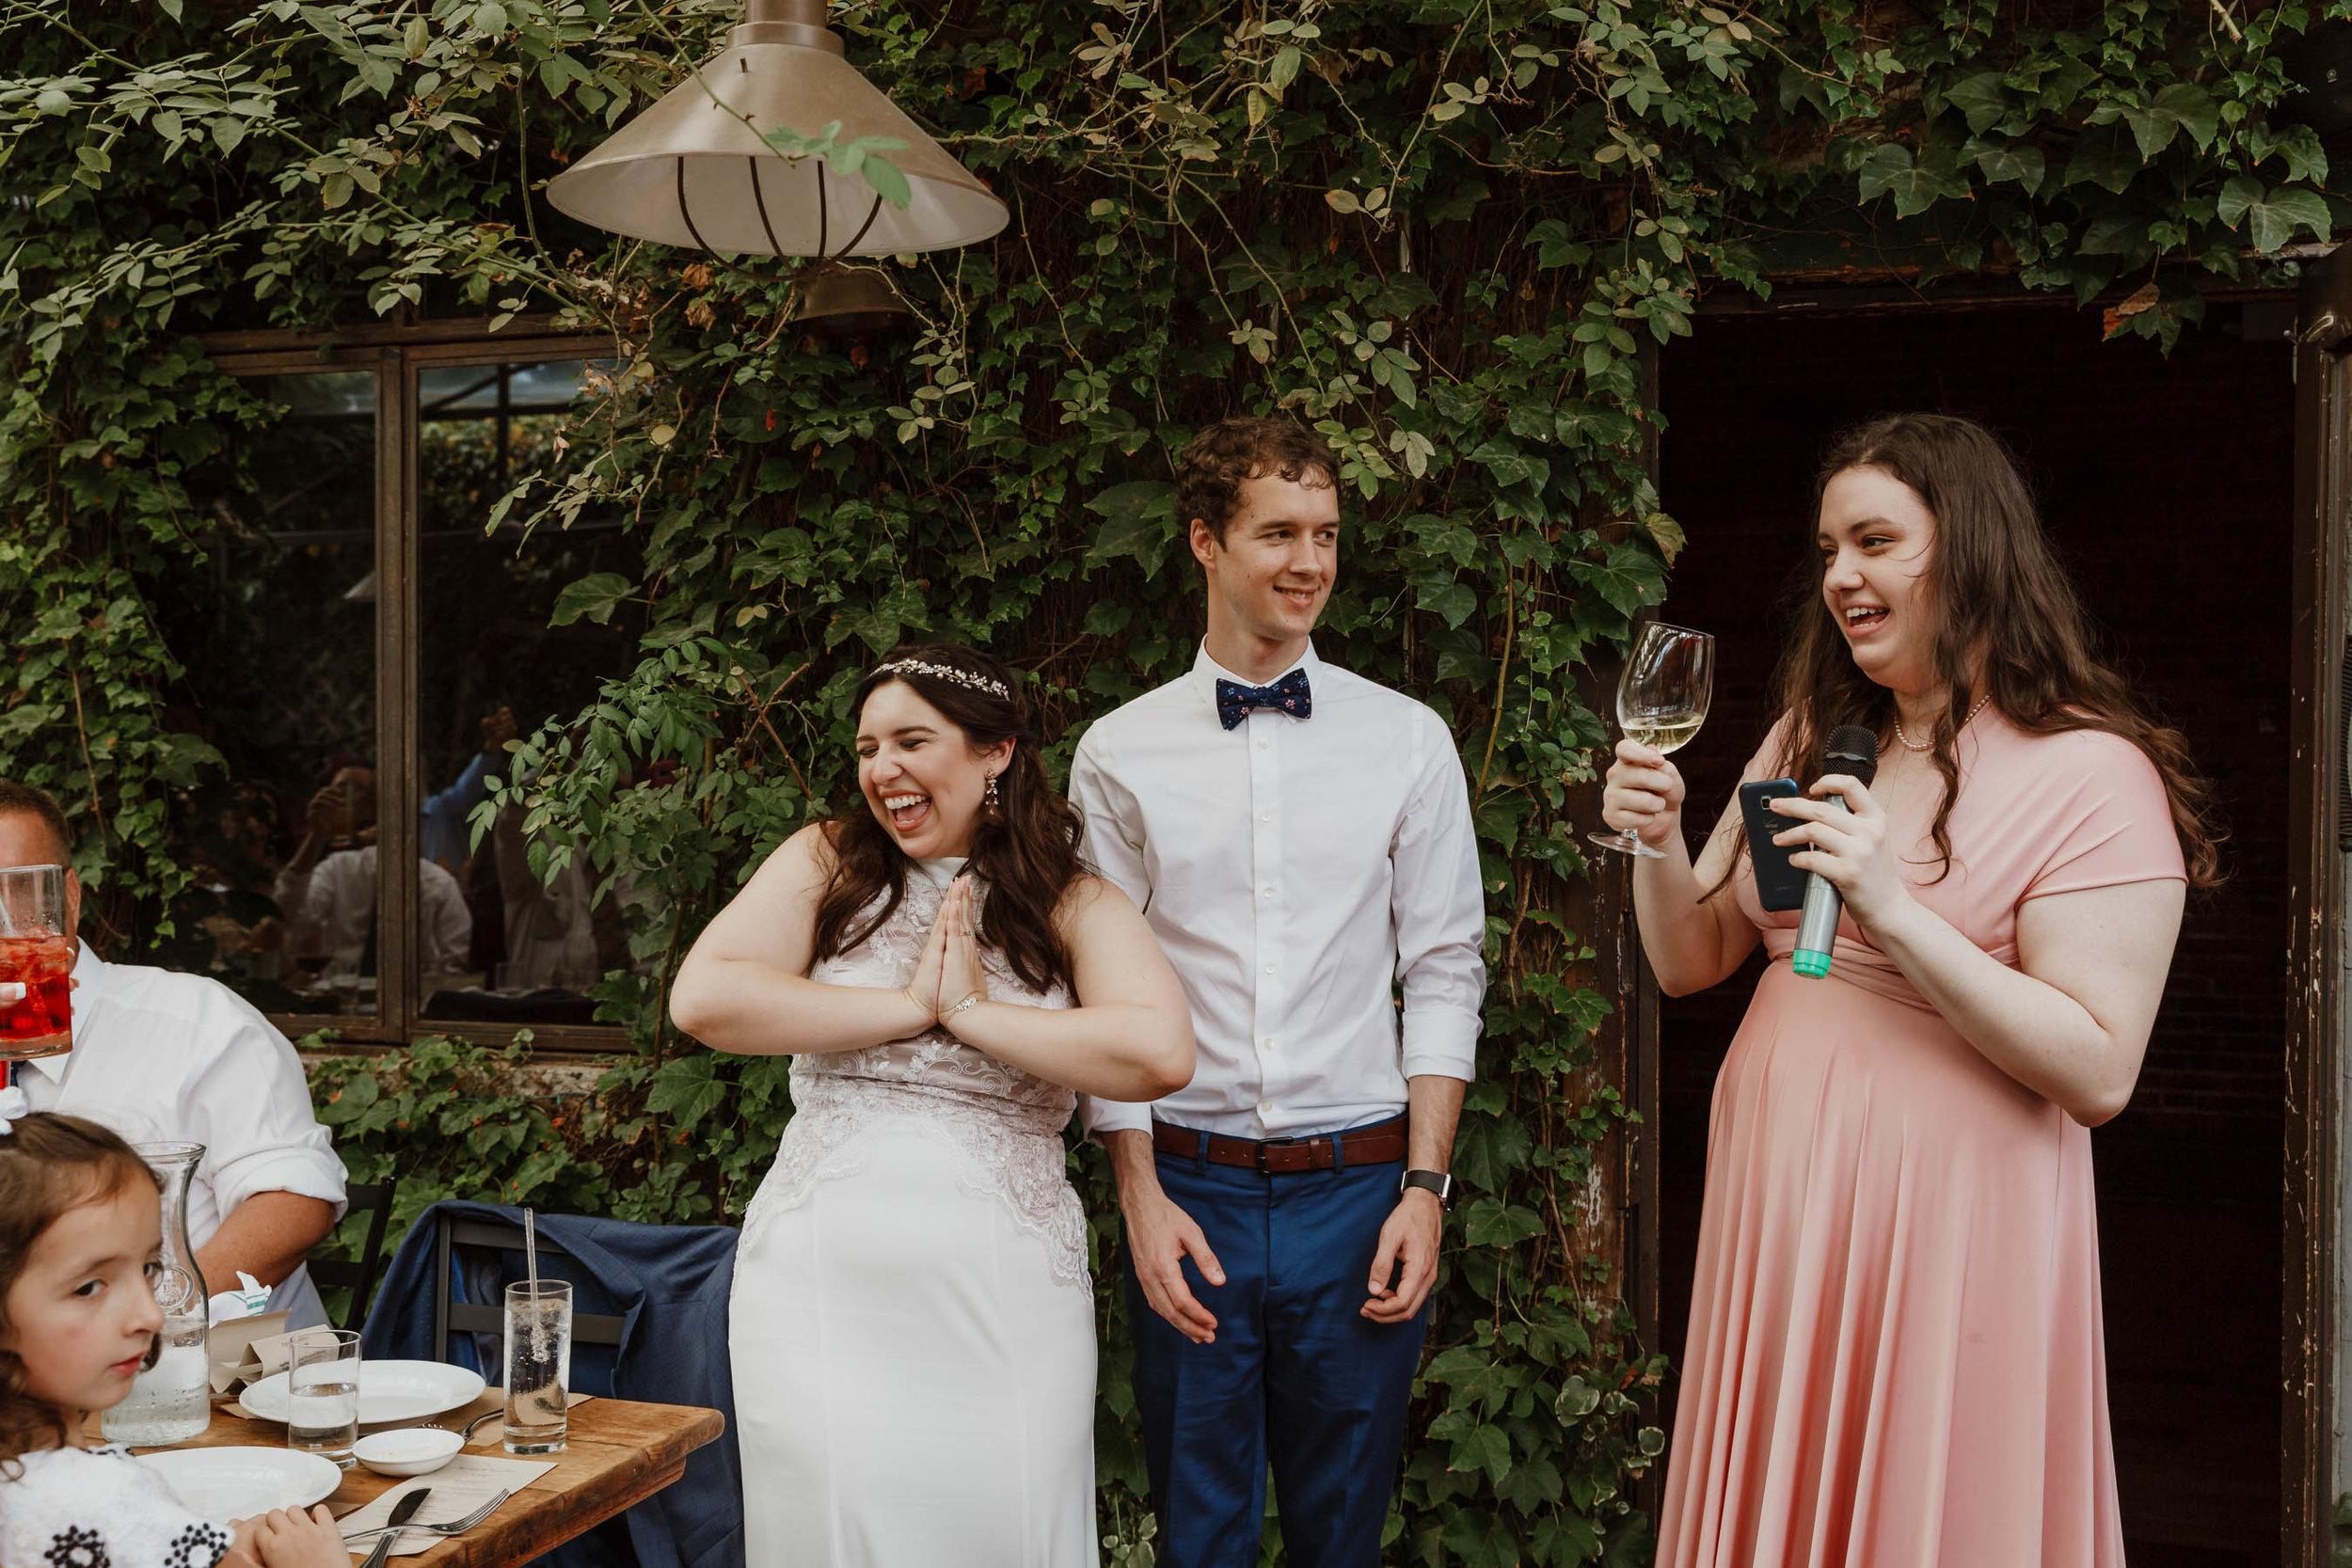 aurora-restaurant-wedding-photographer-elizabeth-tsung-photo-79.jpg